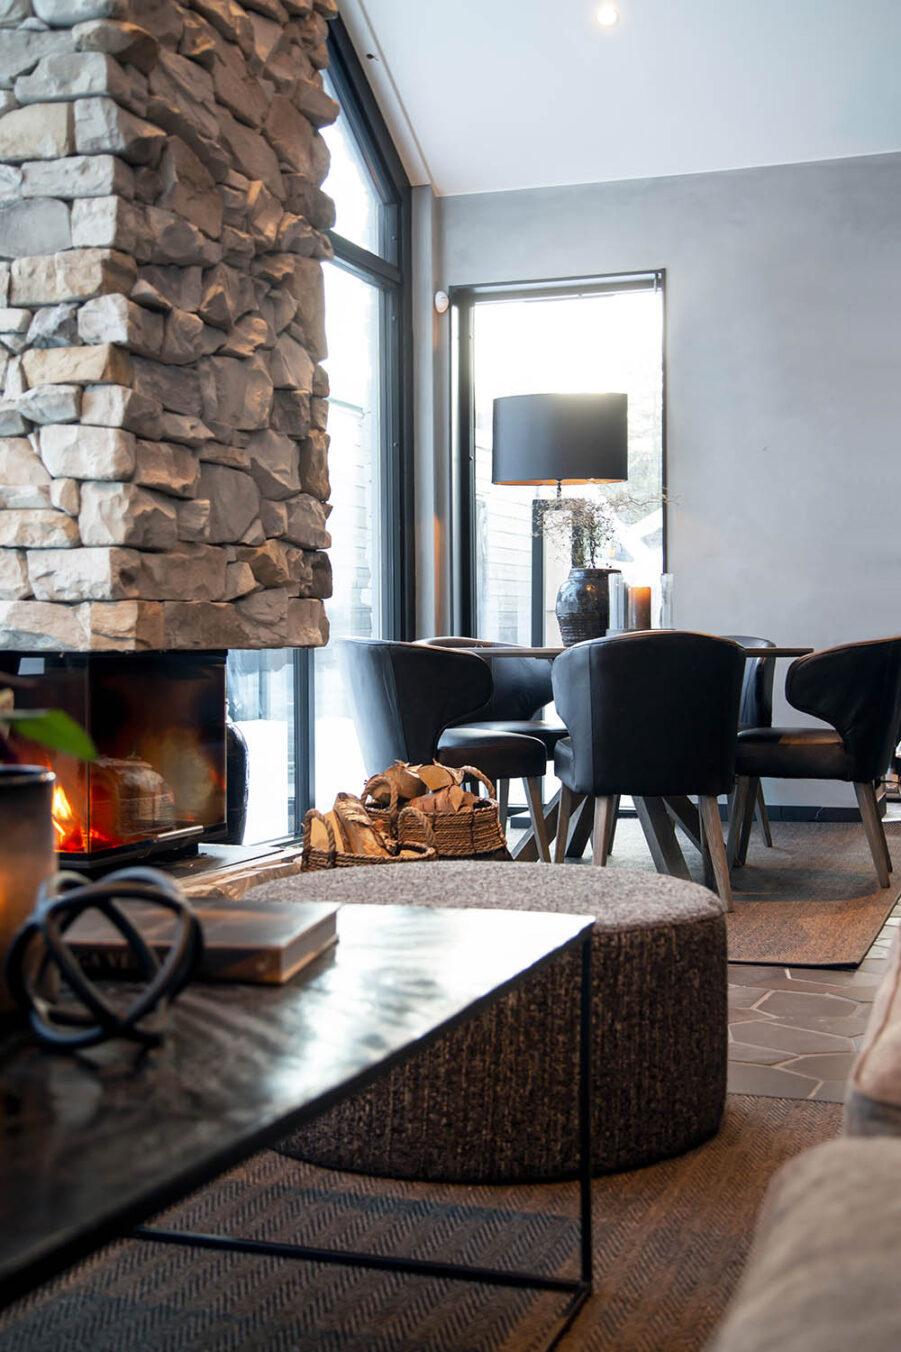 Miljöbild Mille bord, Cortina ottoman, La vella matstol från artwood